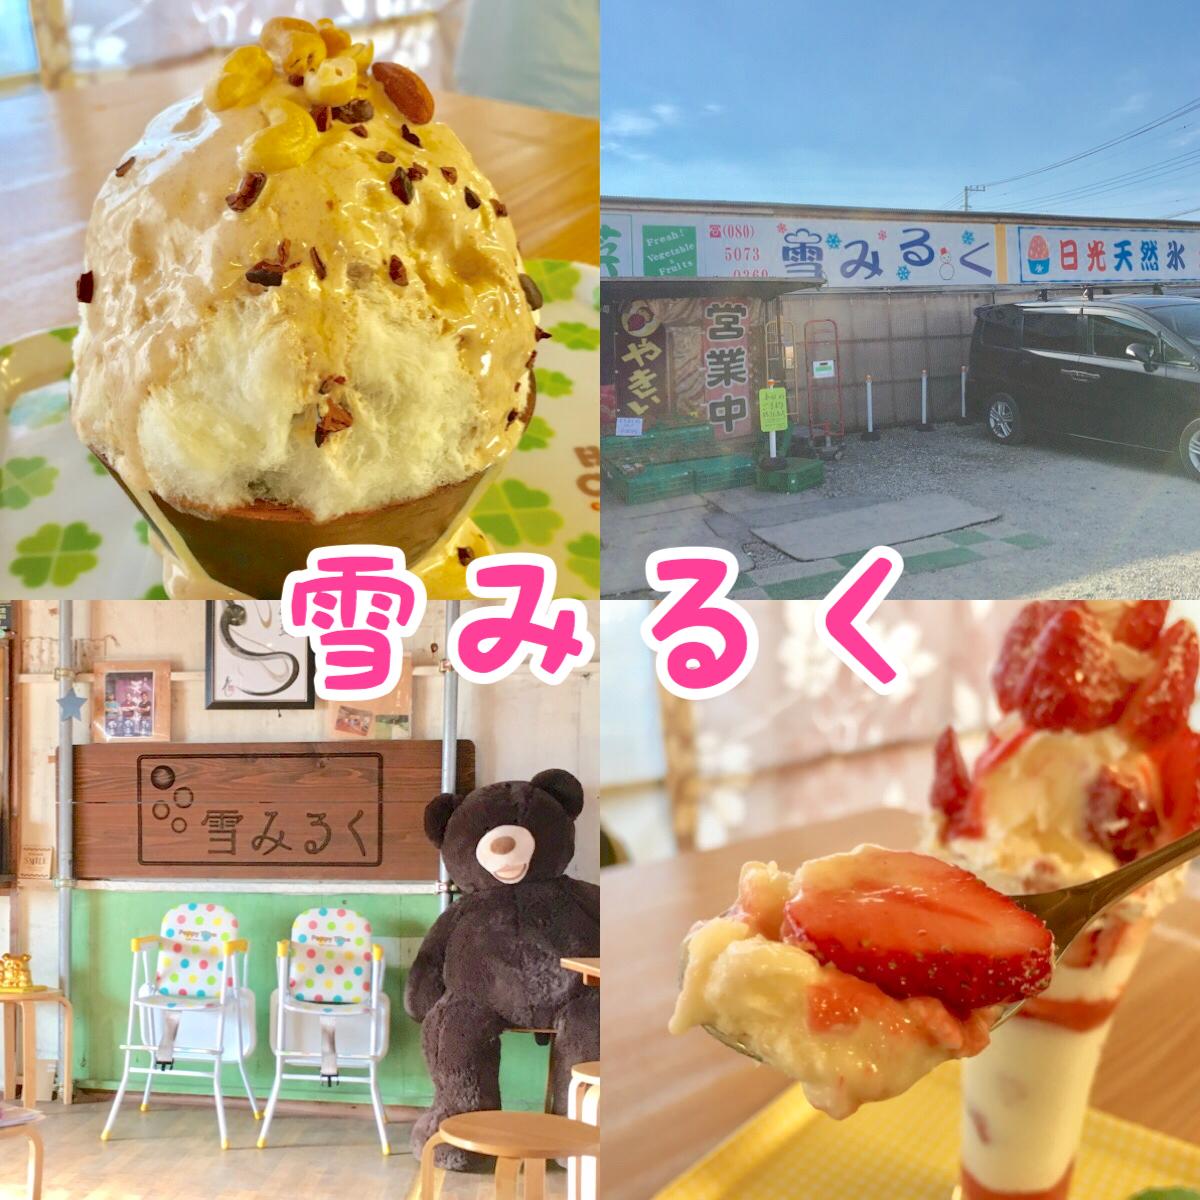 久喜・雪みるく|口コミで人気の絶品かき氷・パフェをレビュー!